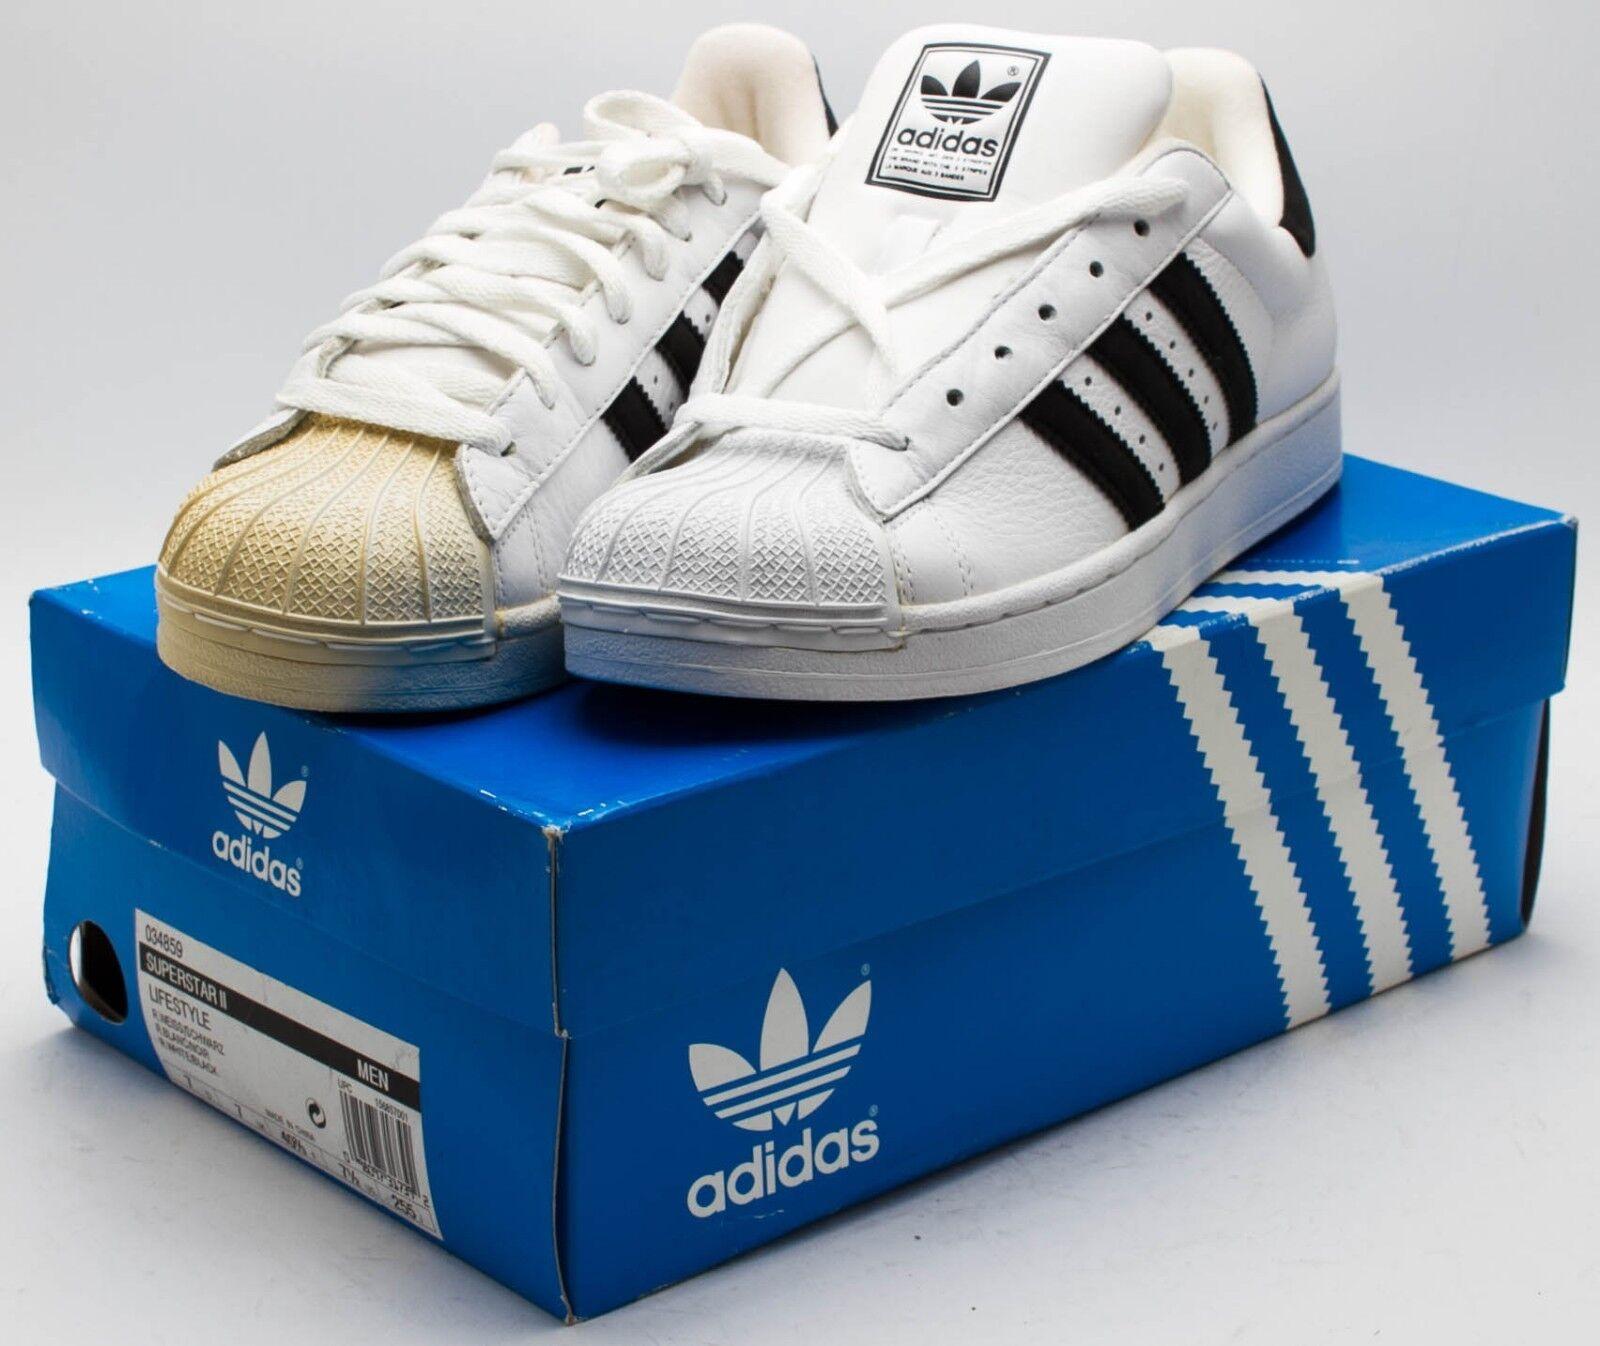 Adidas männer jahrgang 2002 superstar 2 gestürzt 034859 7.5 weiß / schwarz sz 7.5 034859 leder f0b3af